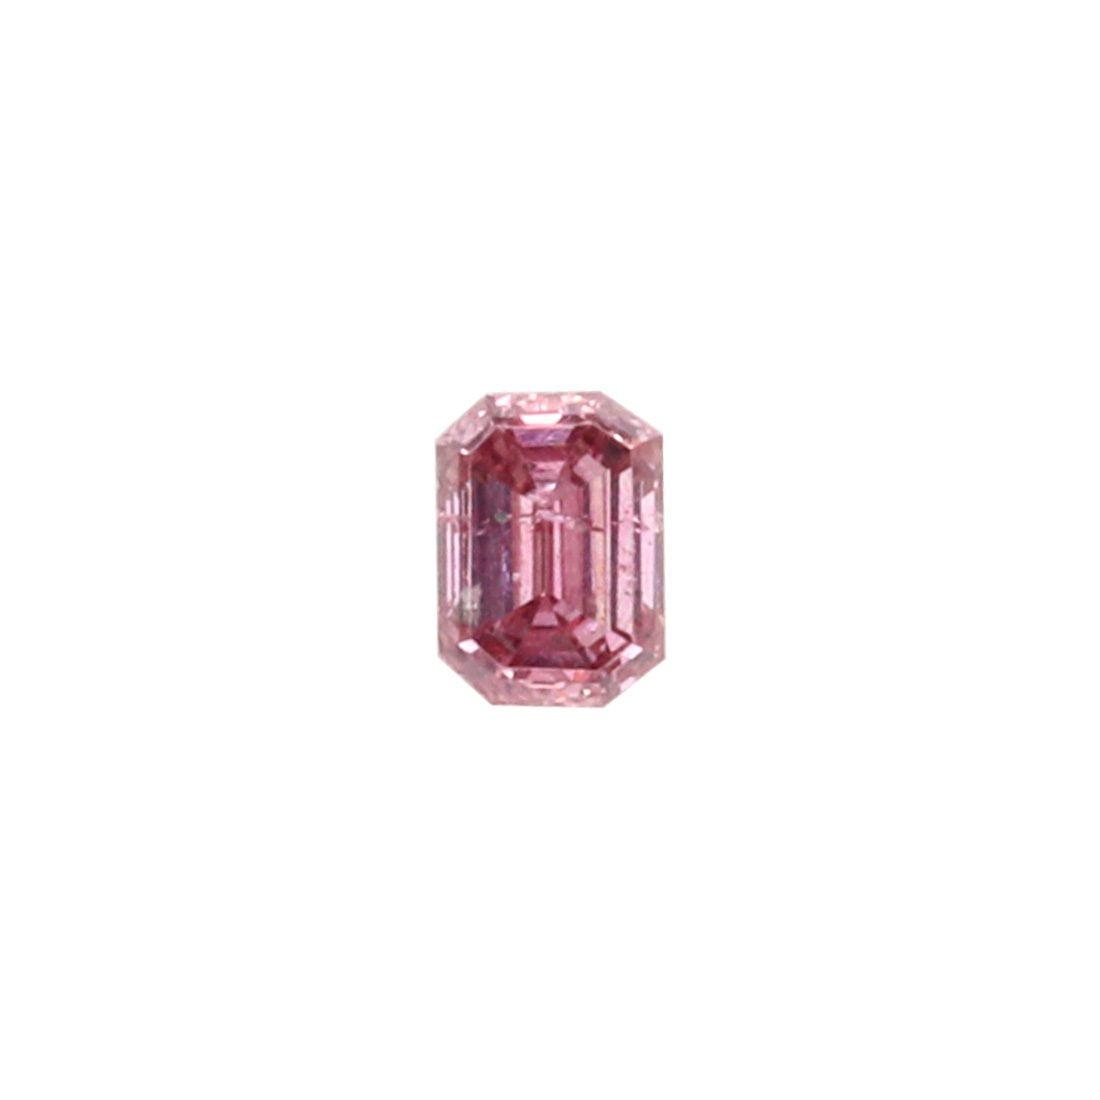 0.07ct Natural Fancy Intense Purplish Pink, 4PP Argyle Diamond